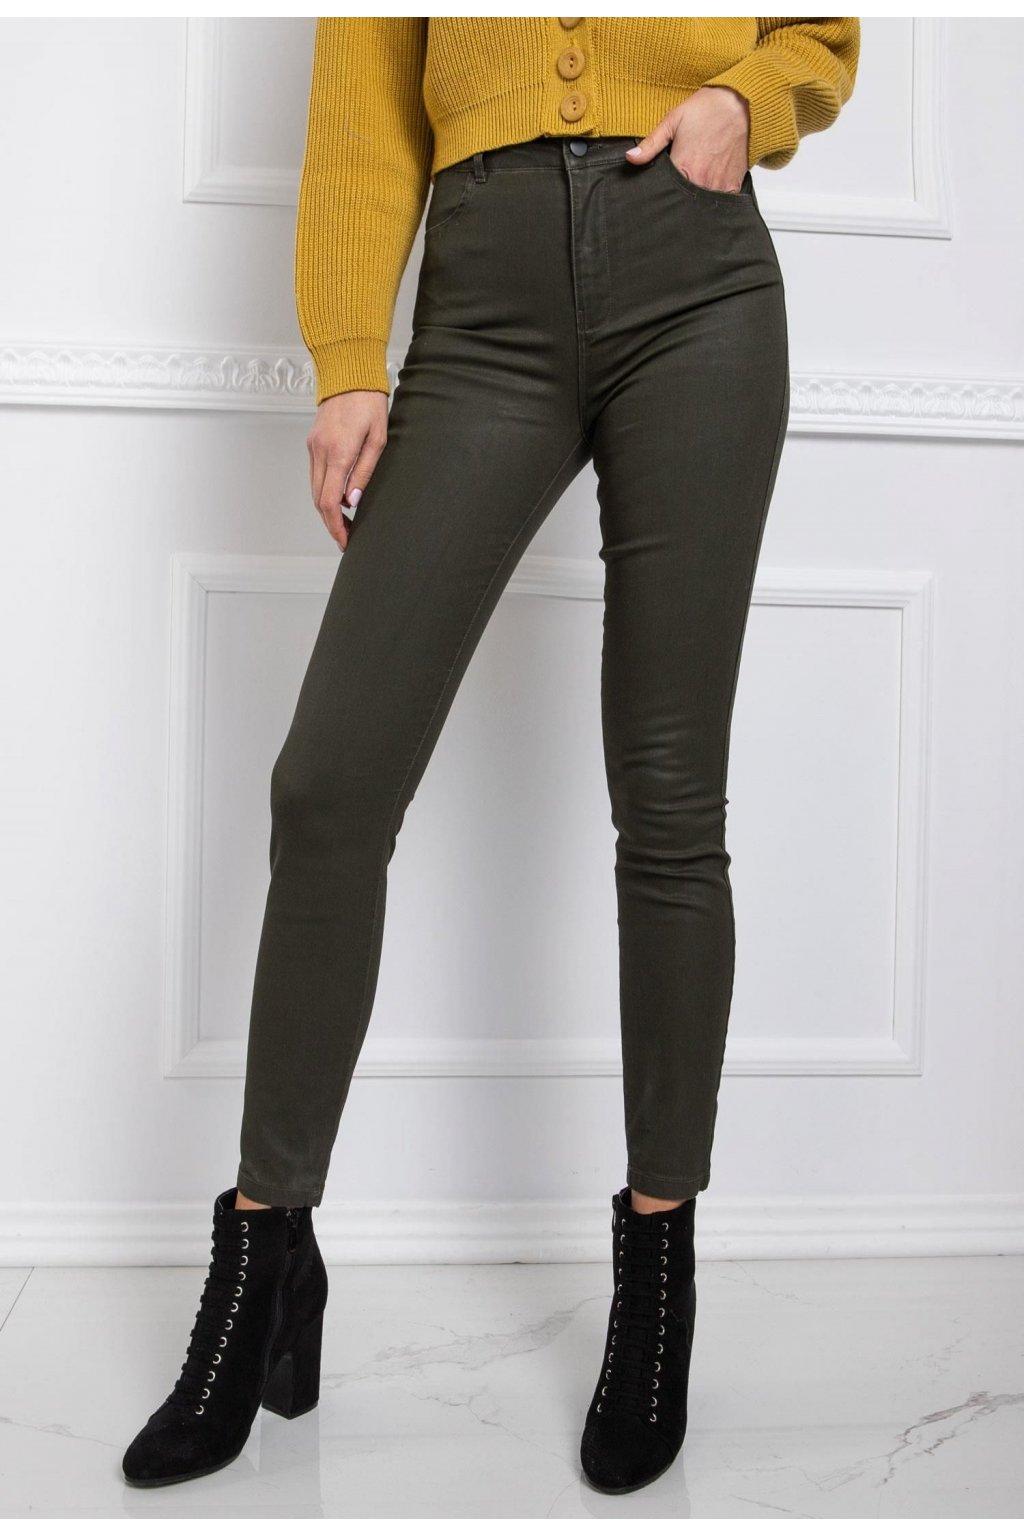 Khaki dámské kalhoty